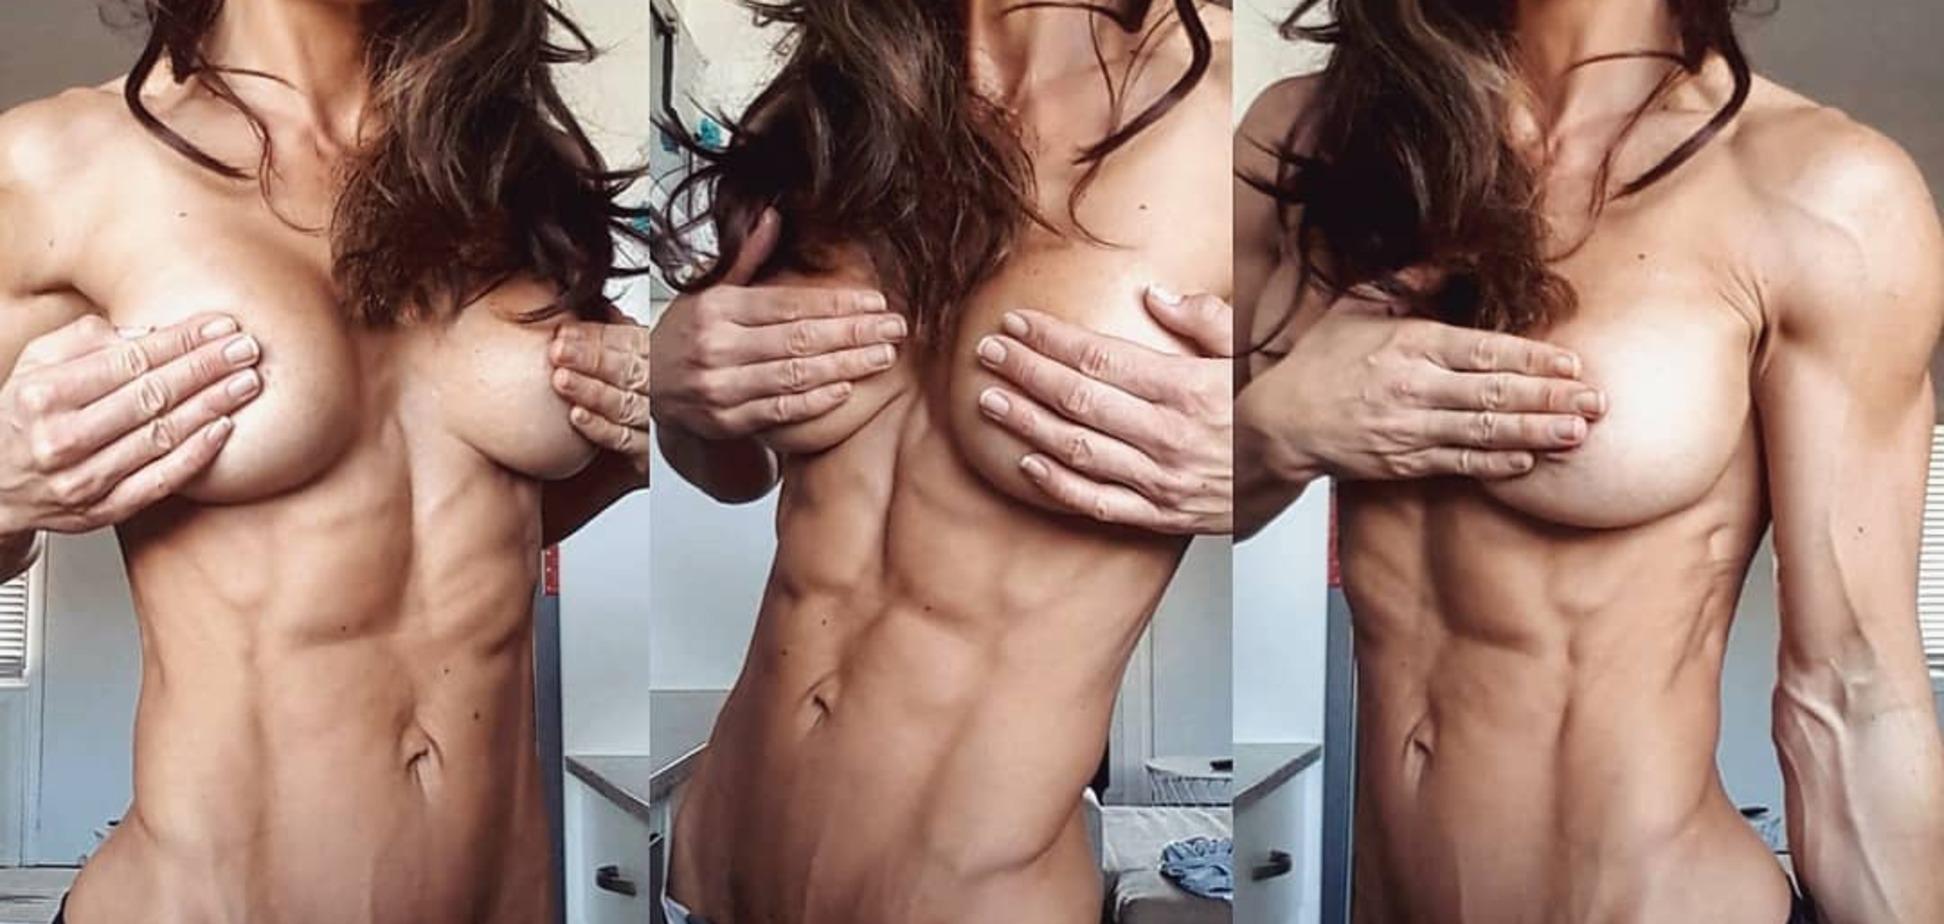 Відома фітнес-чемпіонка 'випадково' виклала голе відео в Instagram